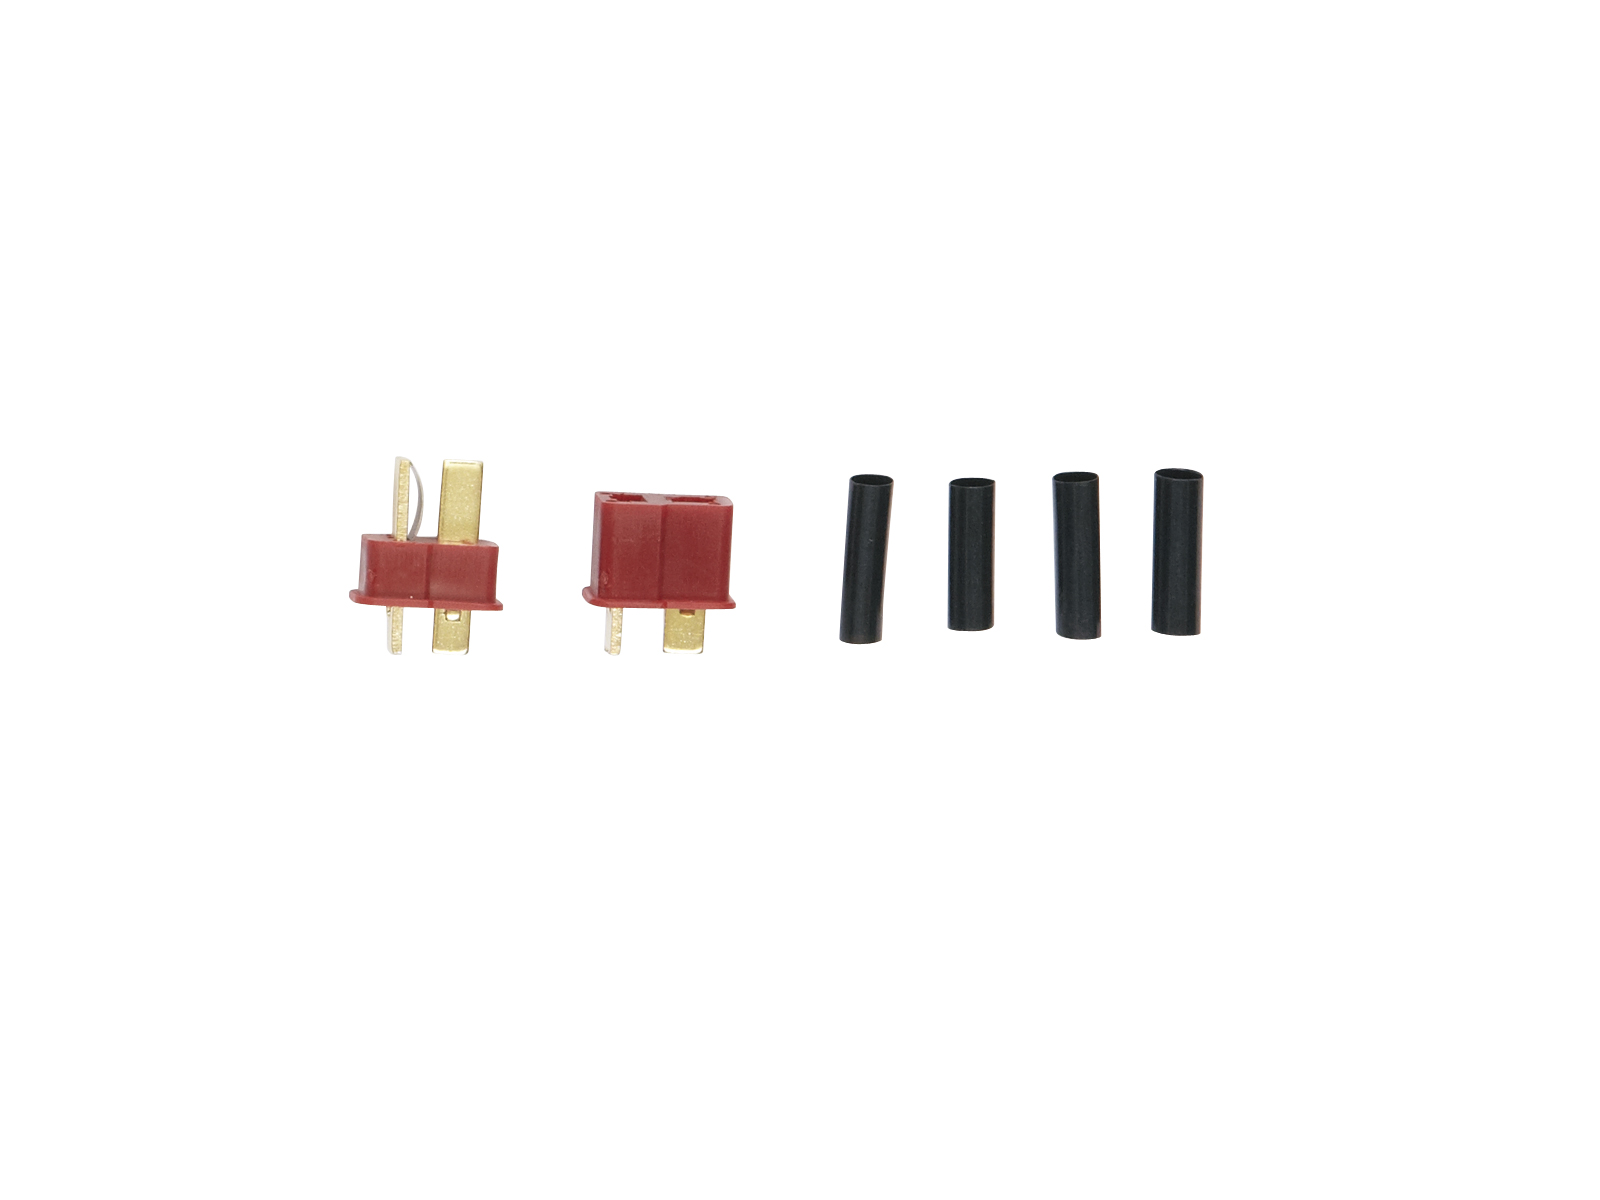 Ultra T-Plugs / Dean Plug - Large Type imagine